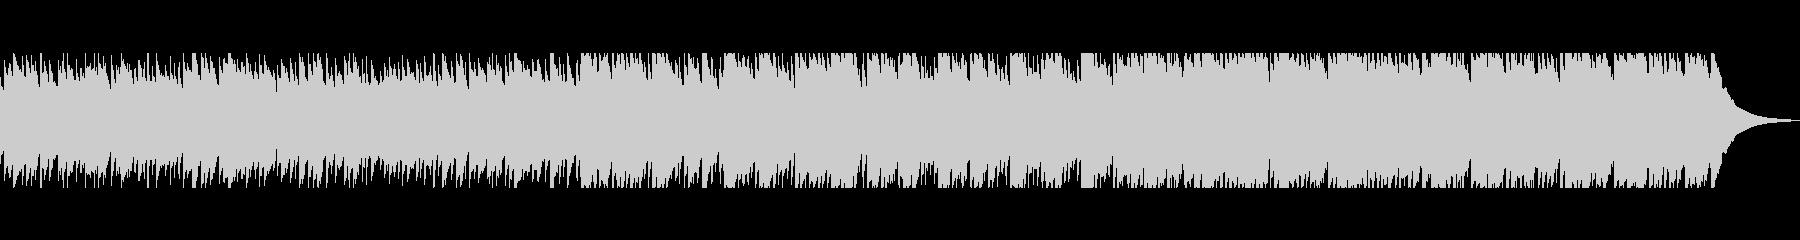 ノスタルジックなアコギソロバラードの未再生の波形